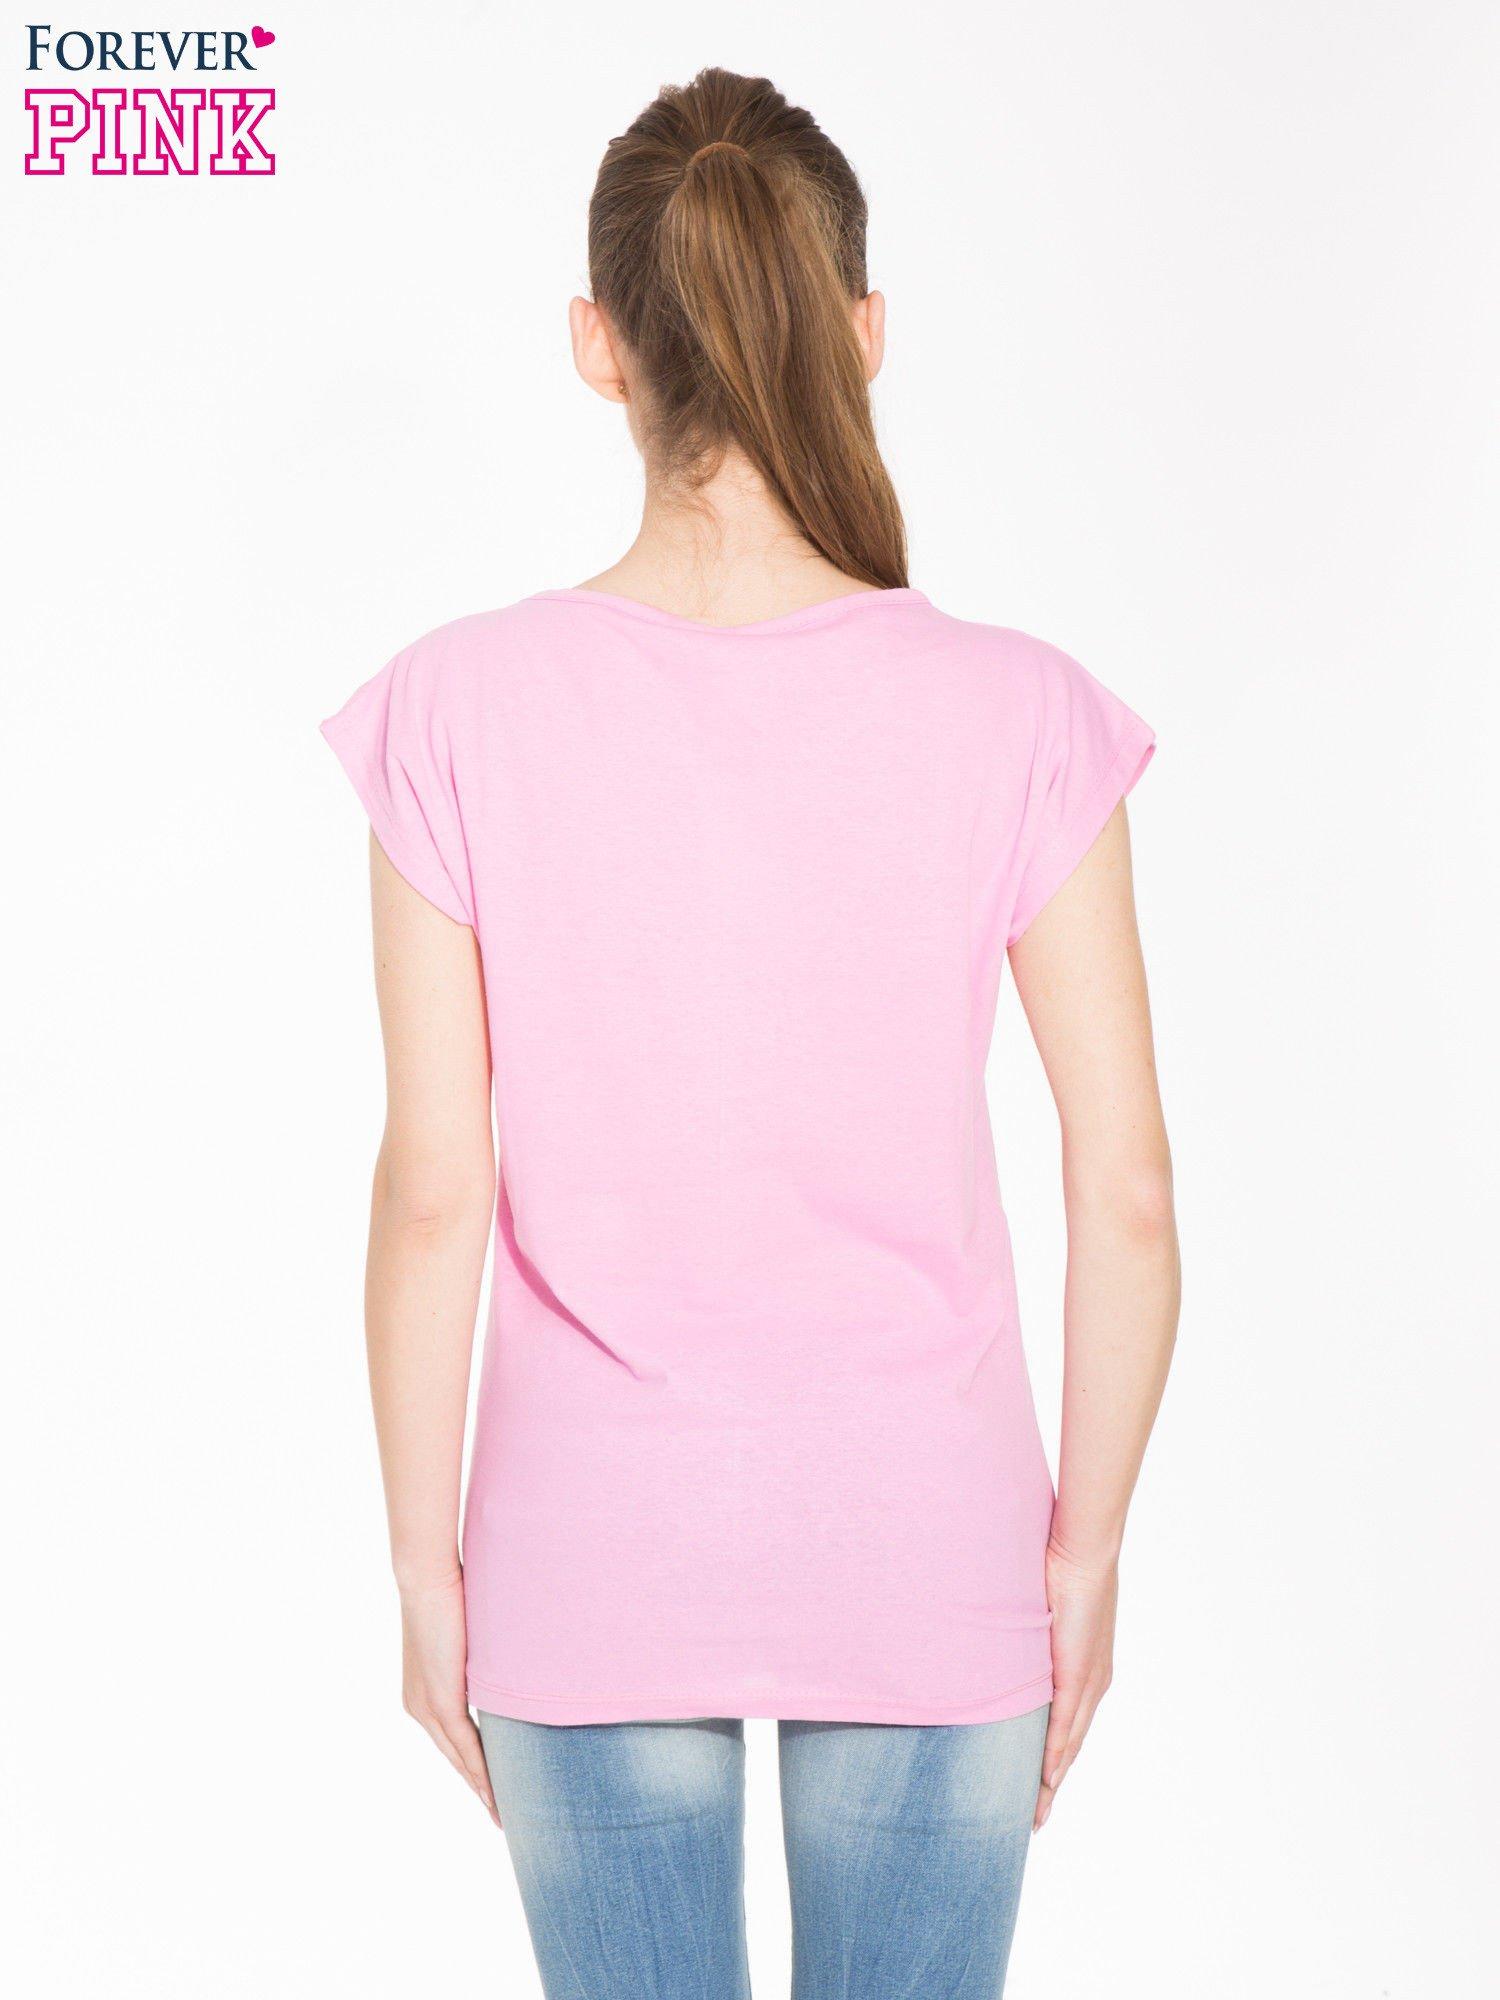 Różowy t-shirt z dużym nadrukiem zebry                                  zdj.                                  3